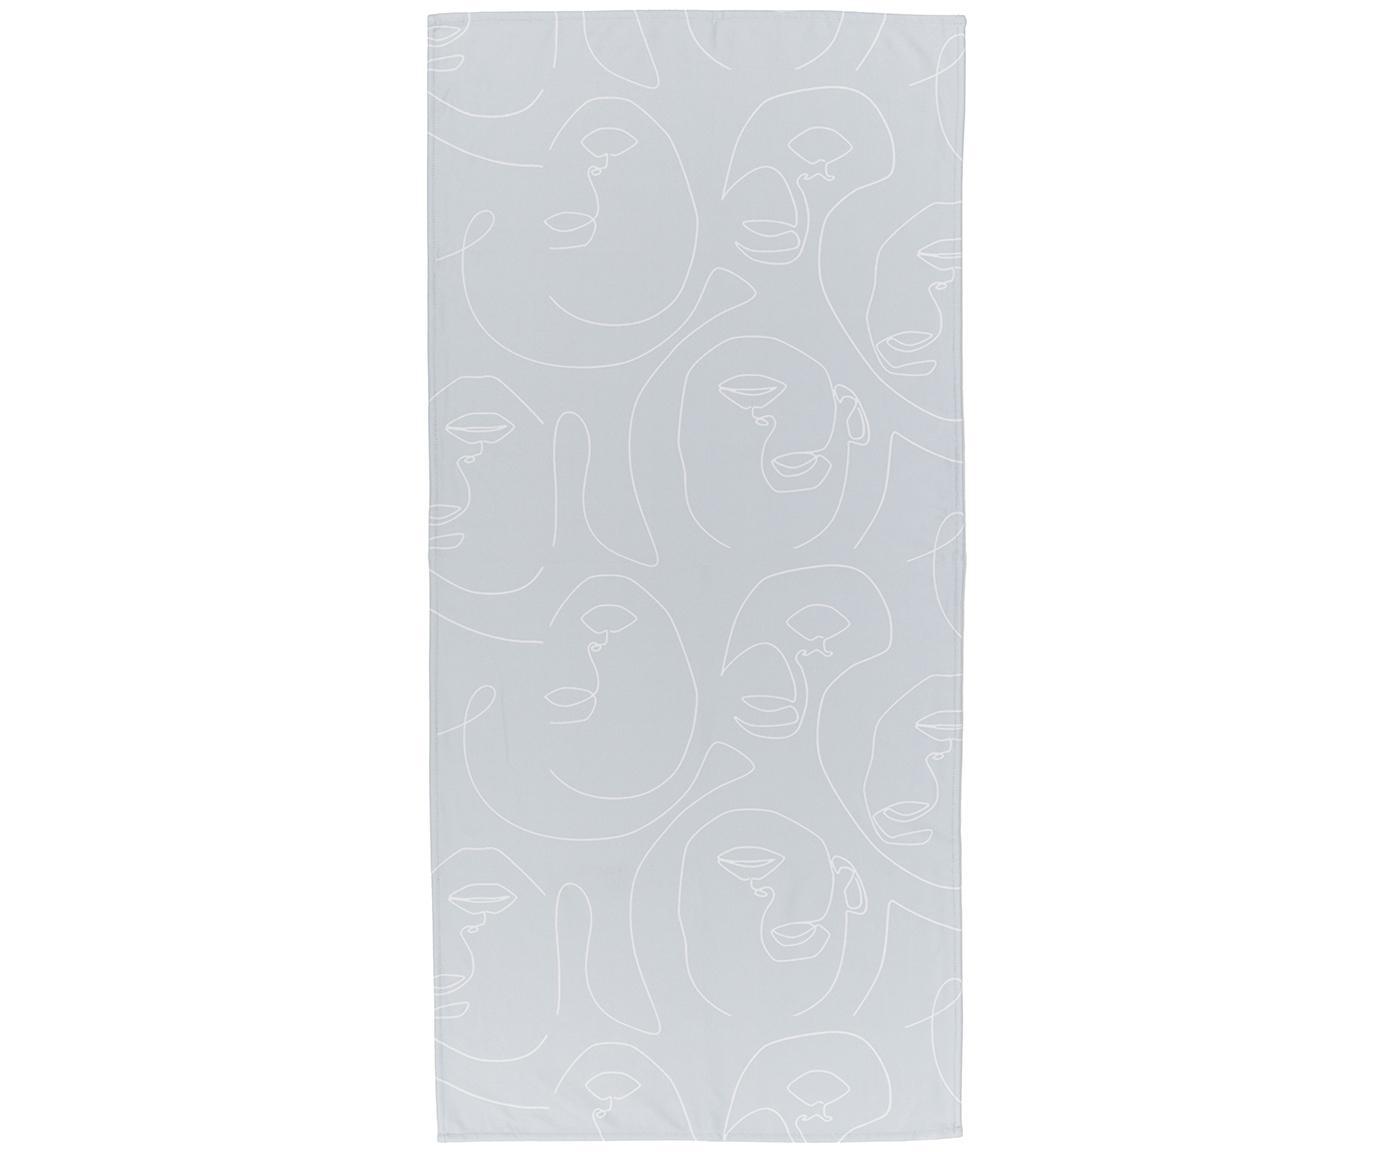 Ręcznik plażowy Faces, 55% poliester, 45% bawełna Bardzo niska gramatura, 340 g/m², Szary, biały, S 70 x D 150 cm